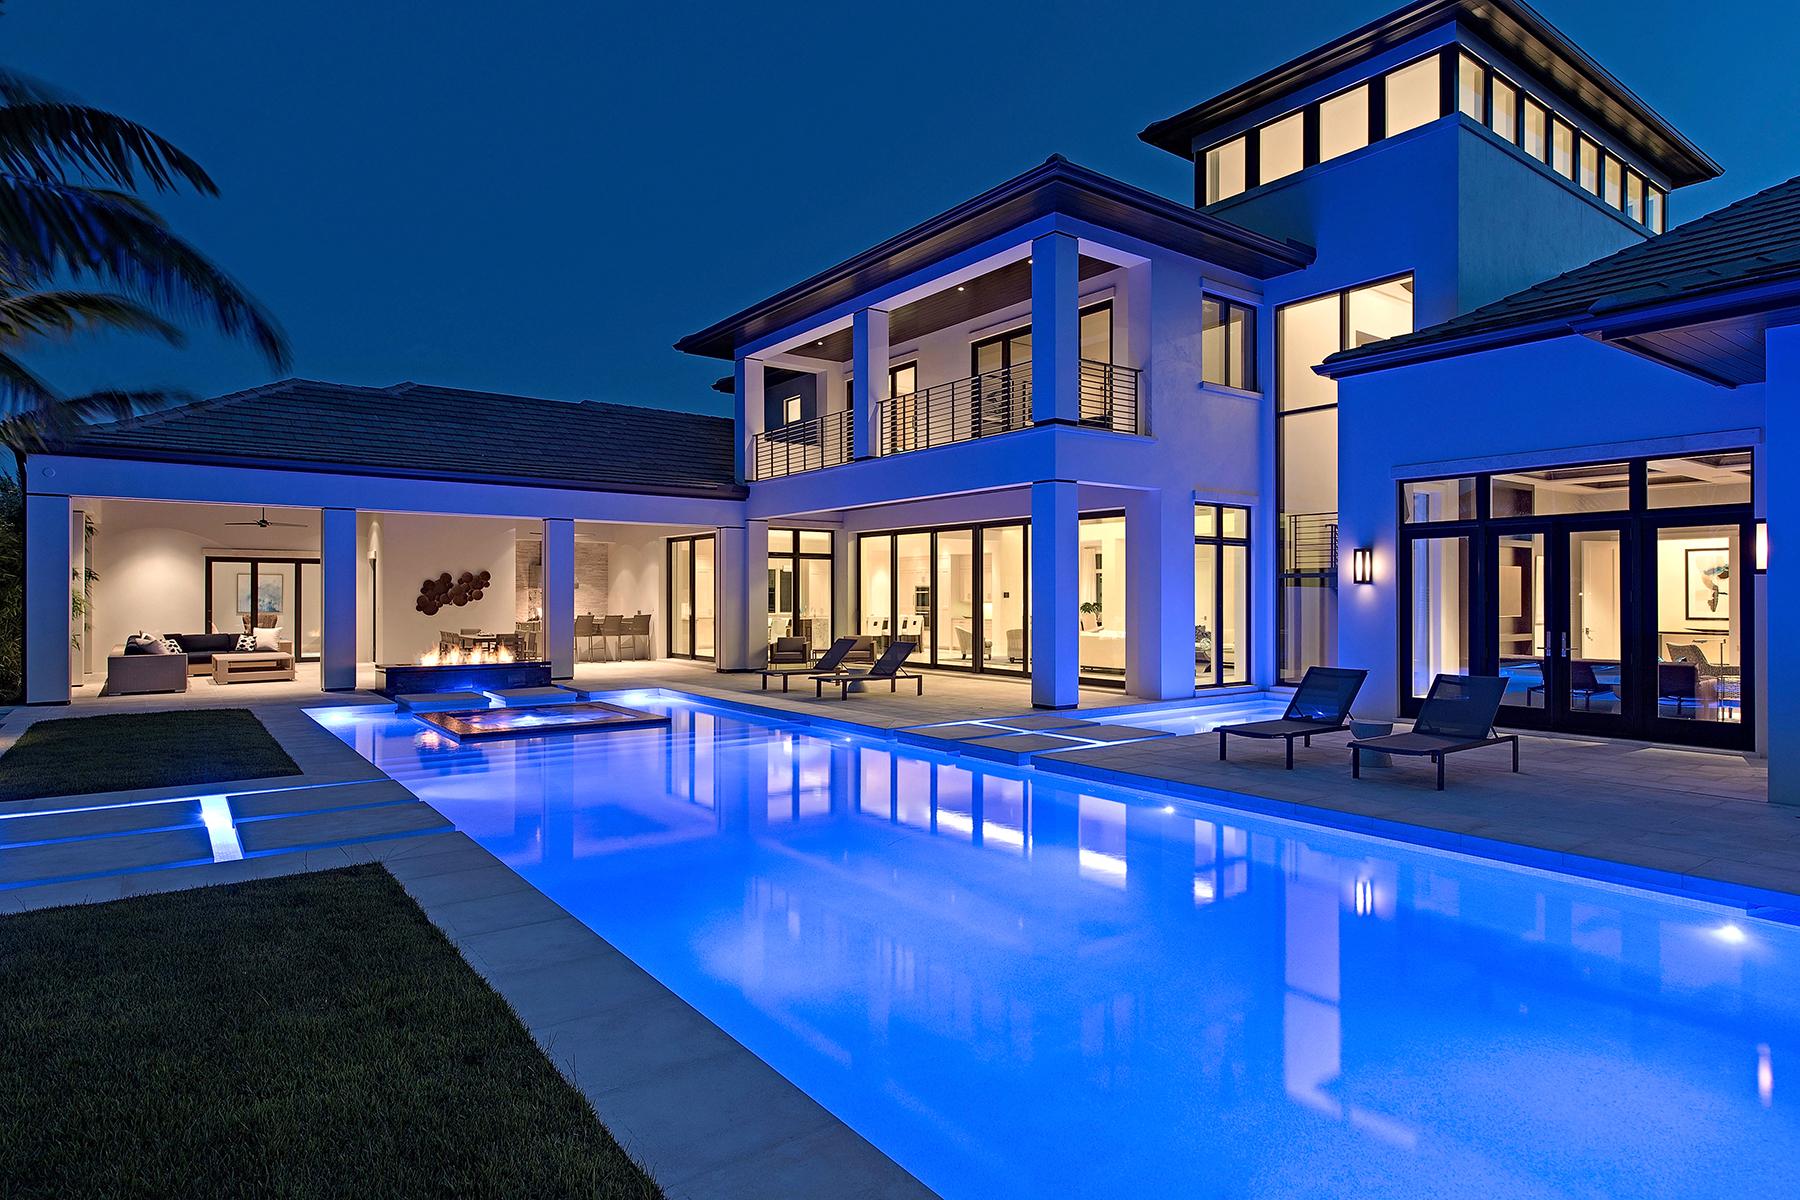 Einfamilienhaus für Verkauf beim 1234 Gordon River Trl , Naples, FL 34105 1234 Gordon River Trl Naples, Florida, 34105 Vereinigte Staaten